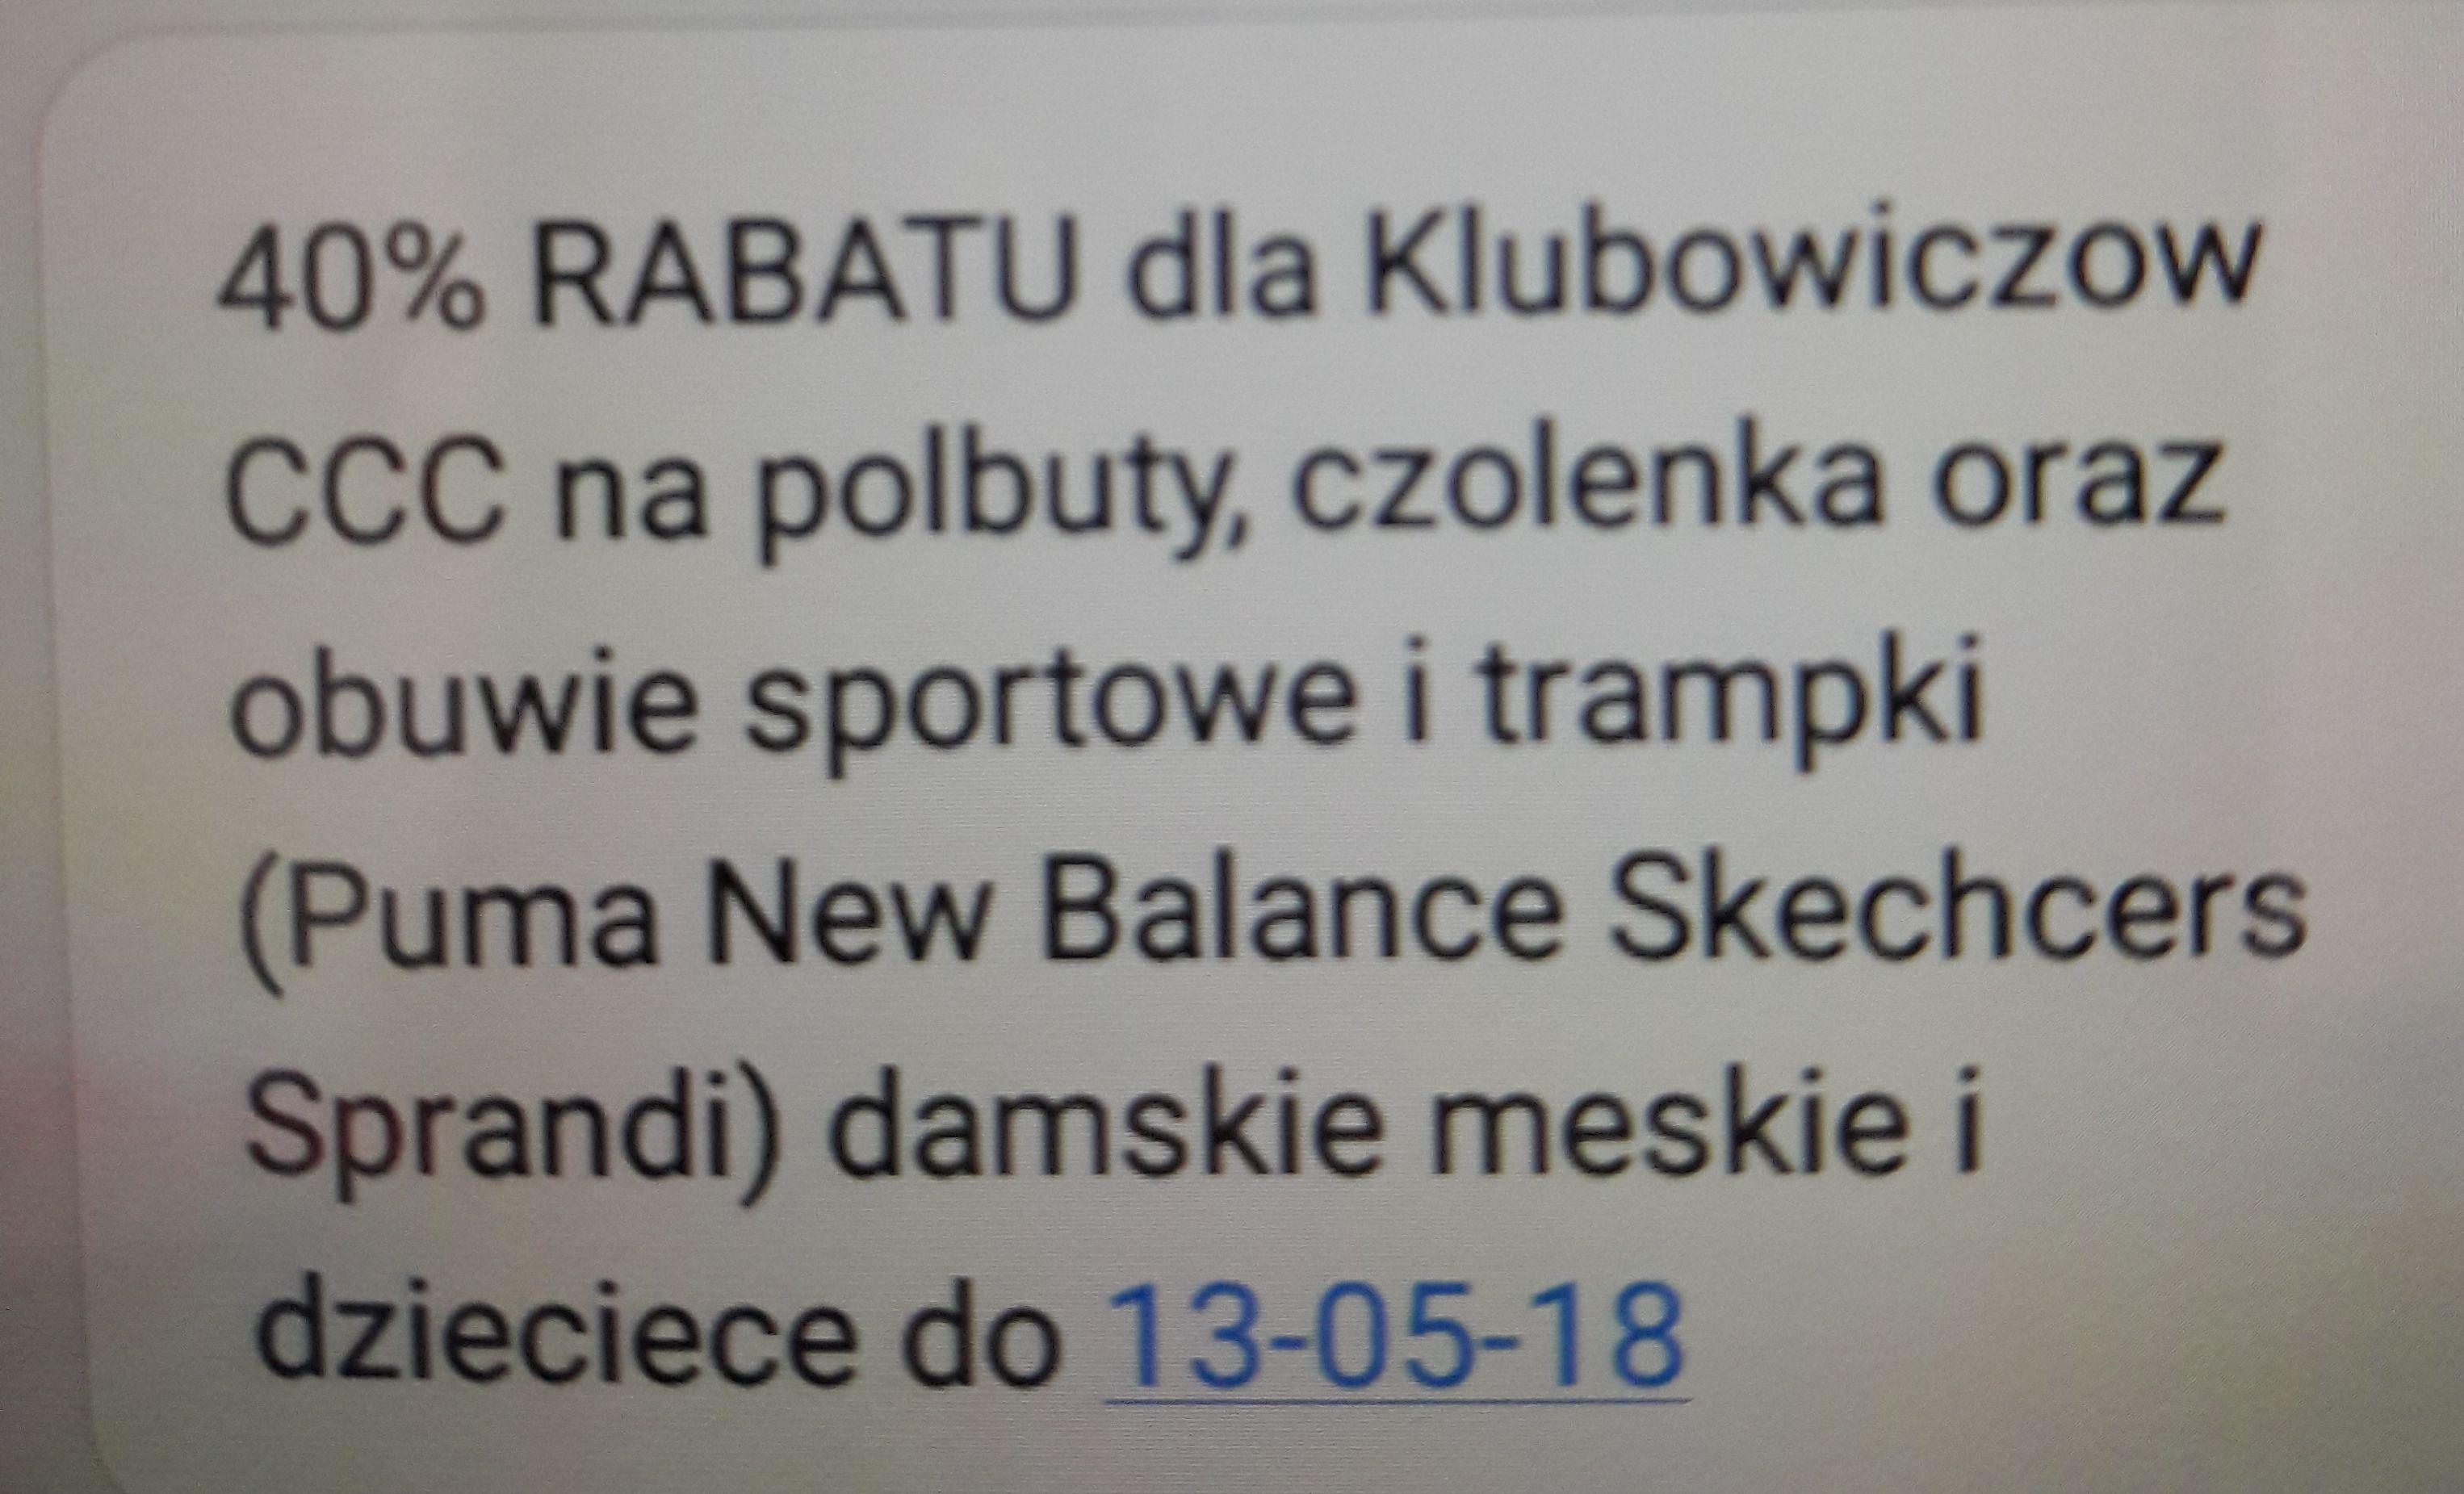 40% Rabatu dla klubowiczów CCC